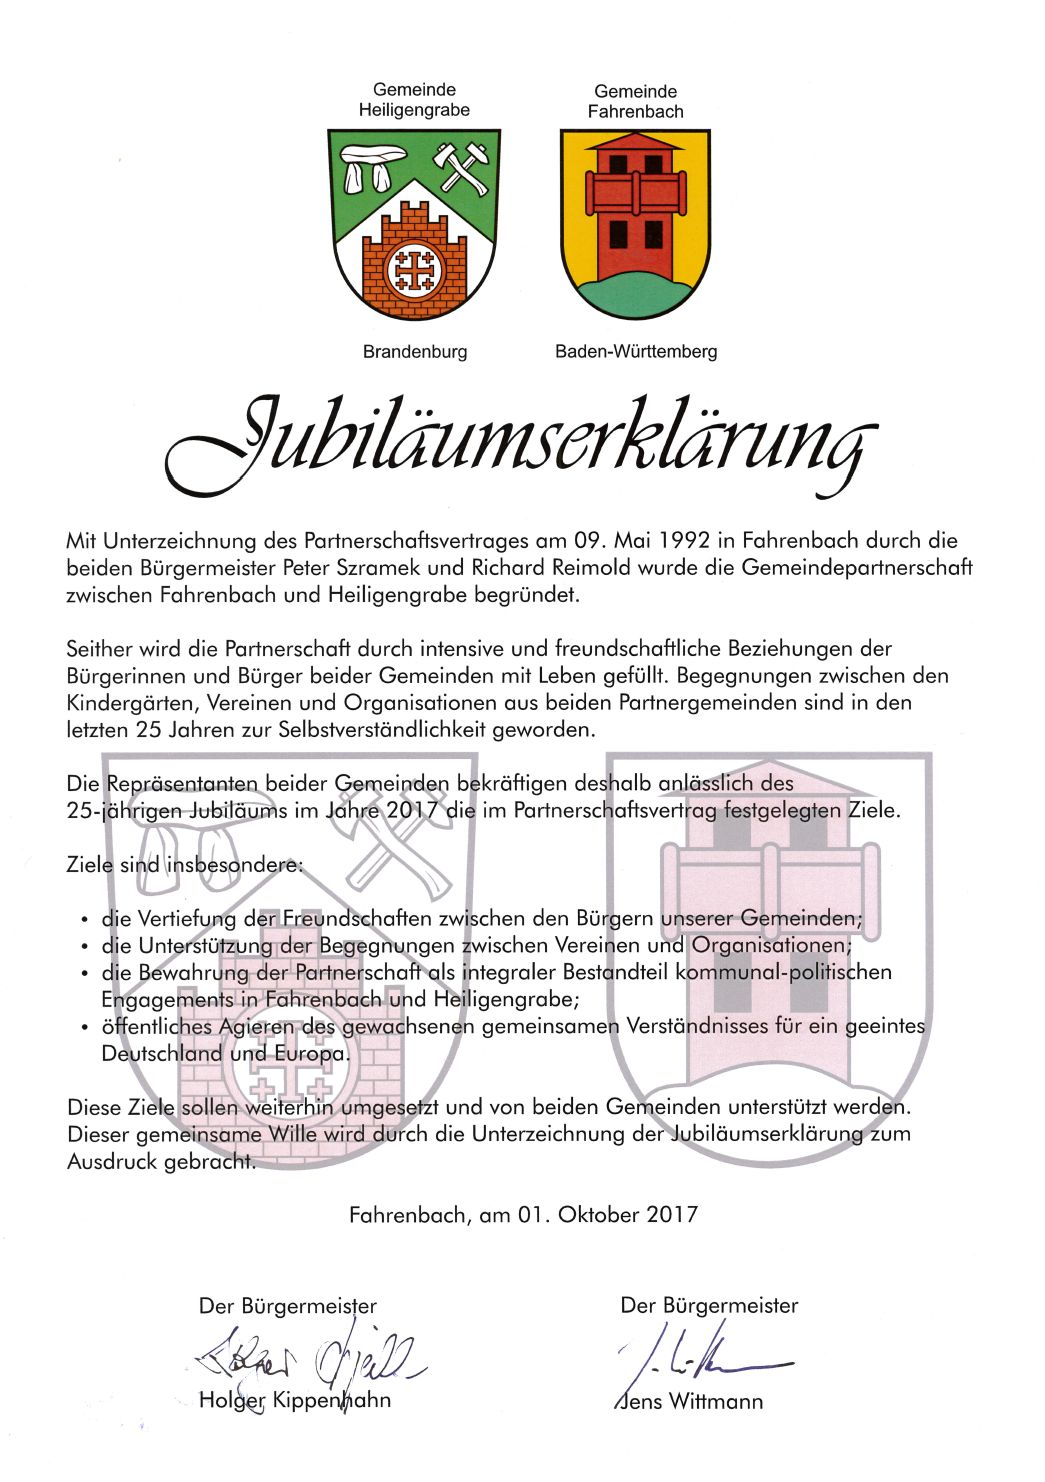 25 Jahre Partnerschaft zwischen Fahrenbach (BW) und Heiligengrabe ...